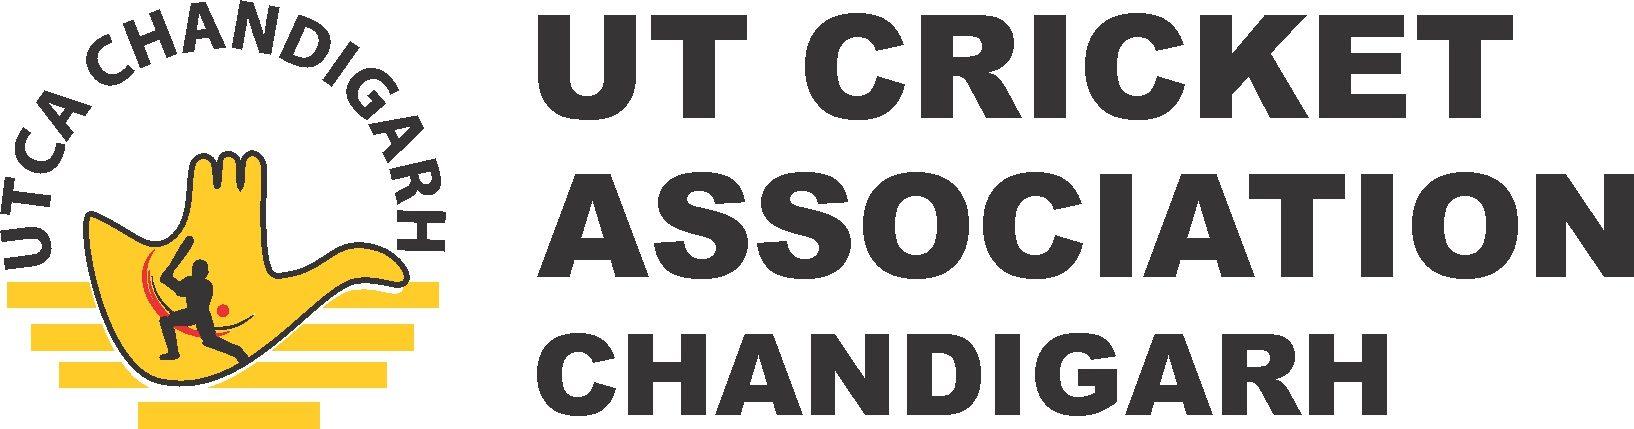 UTCA Chandigarh